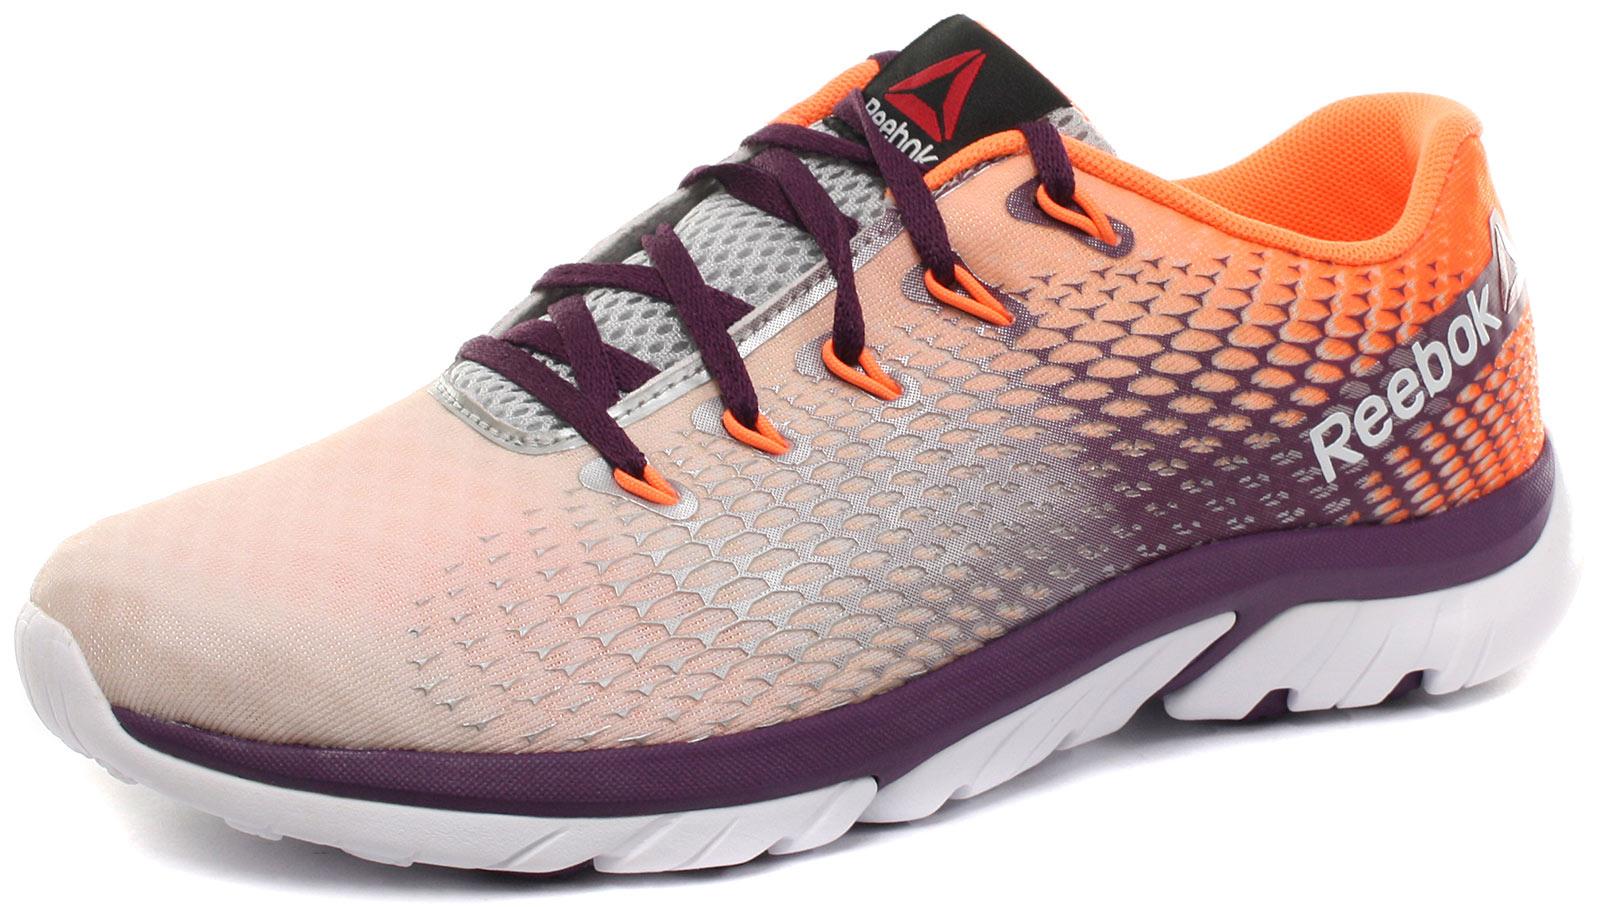 Descuento por tiempo limitado Nuevo Reebok zstrike Elite Mujer Zapatillas Para Correr/Zapatillas En Todas Las